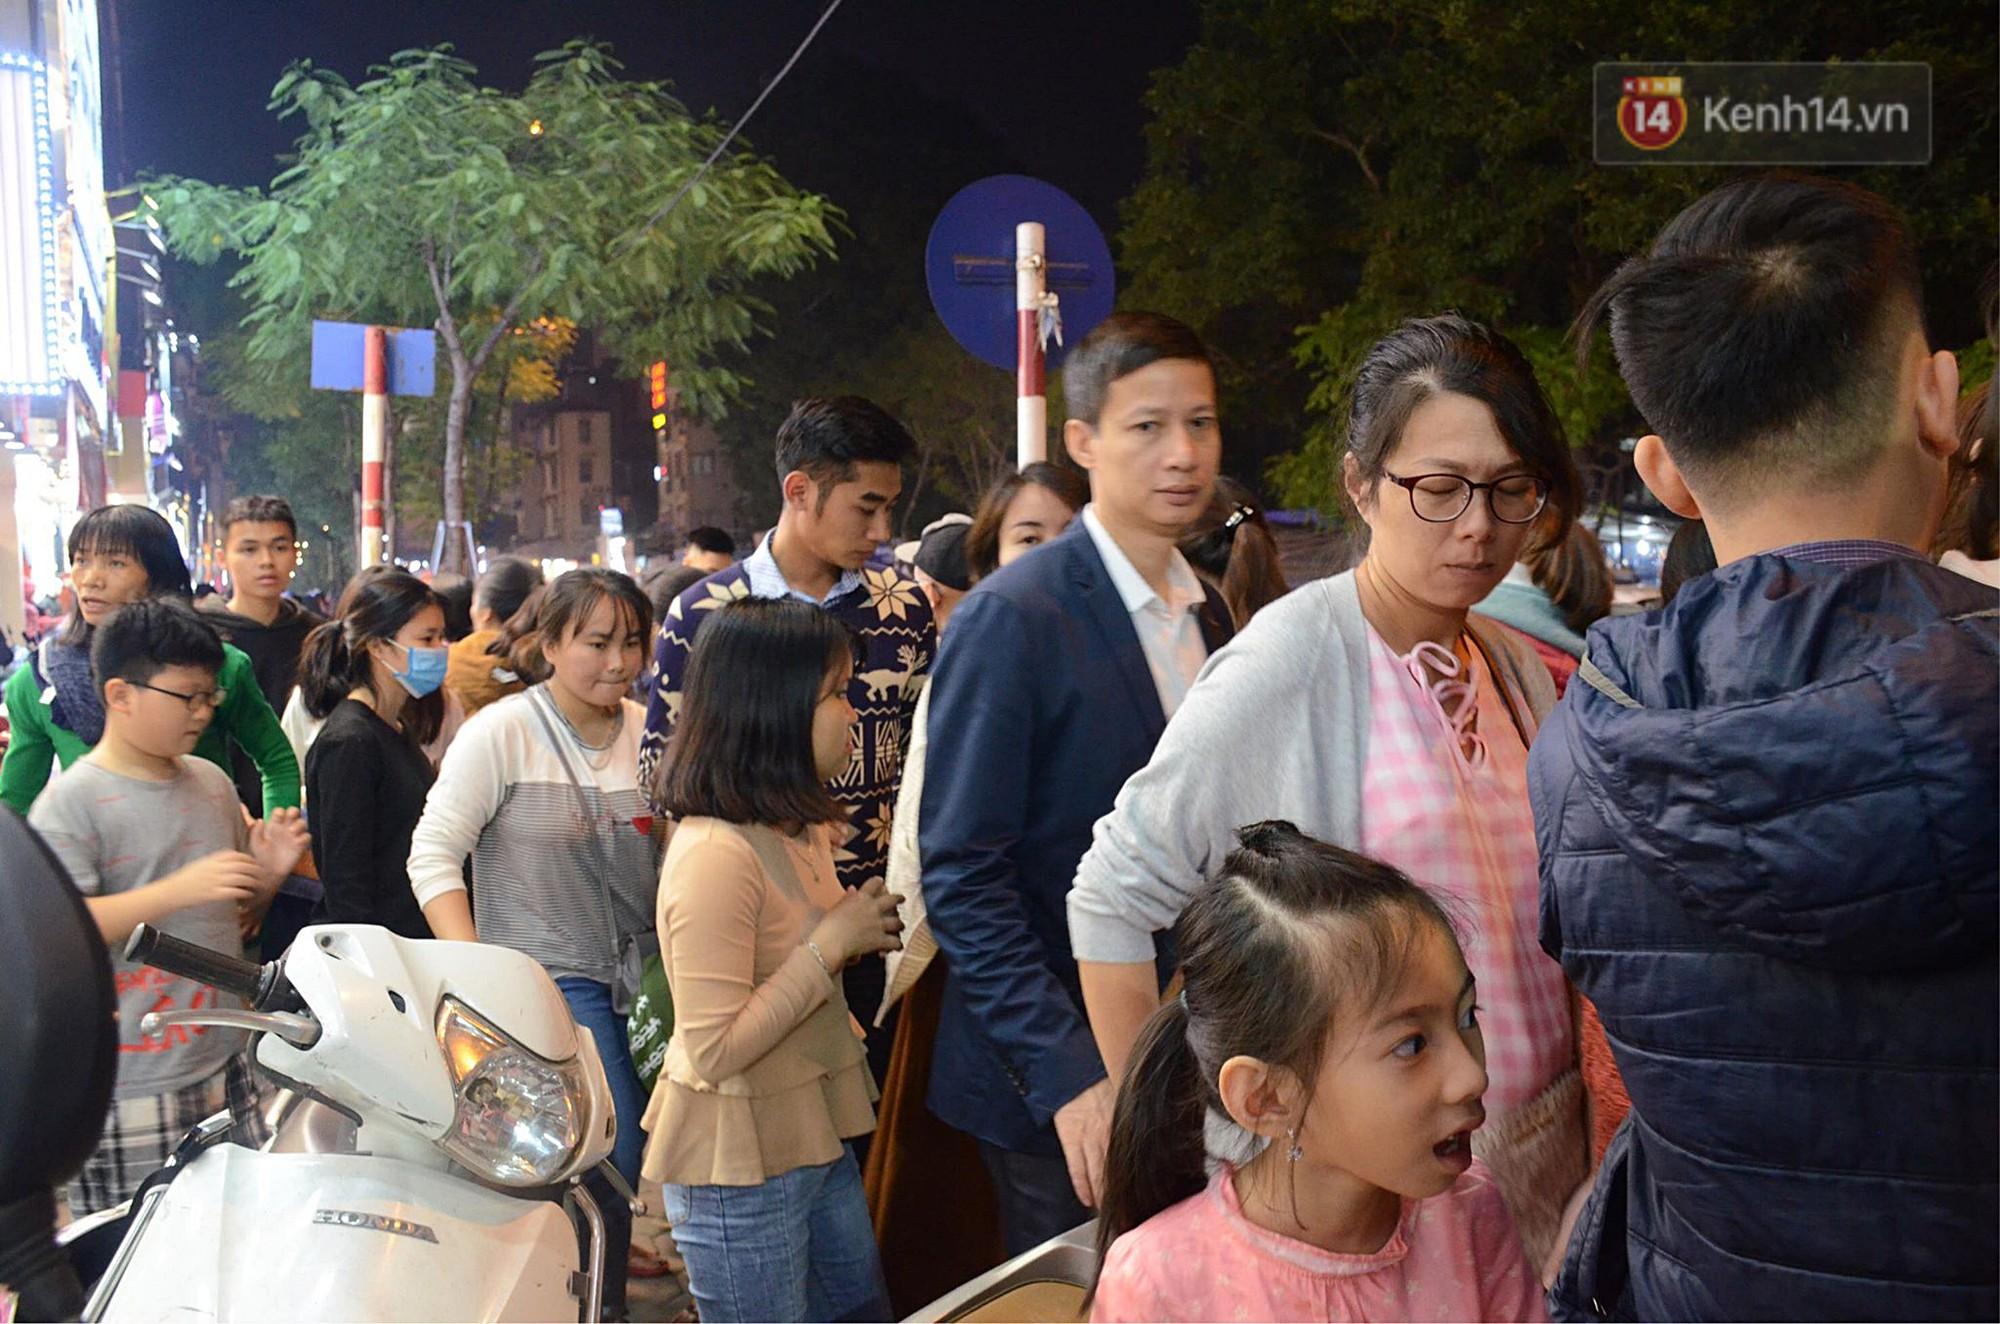 Tối ngày Black Friday ở Hà Nội: Đường phố tắc nghẽn vì bão sale chưa hạ nhiệt - Ảnh 15.